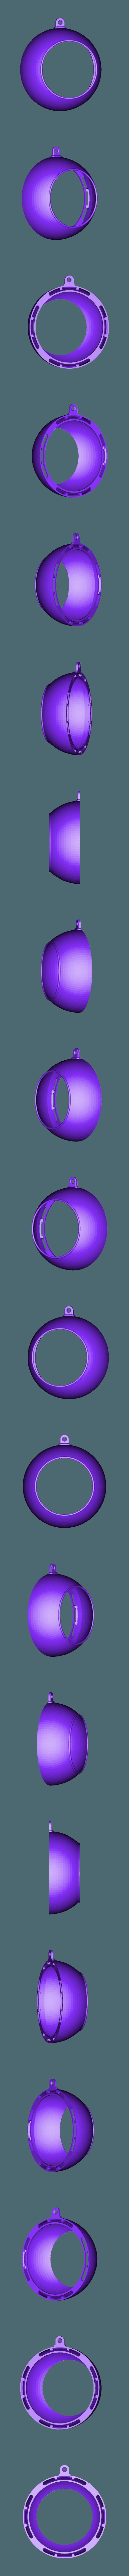 big-ornament-top.stl Télécharger fichier STL gratuit Ornement Jumbo - Snap Fit • Design à imprimer en 3D, Adafruit